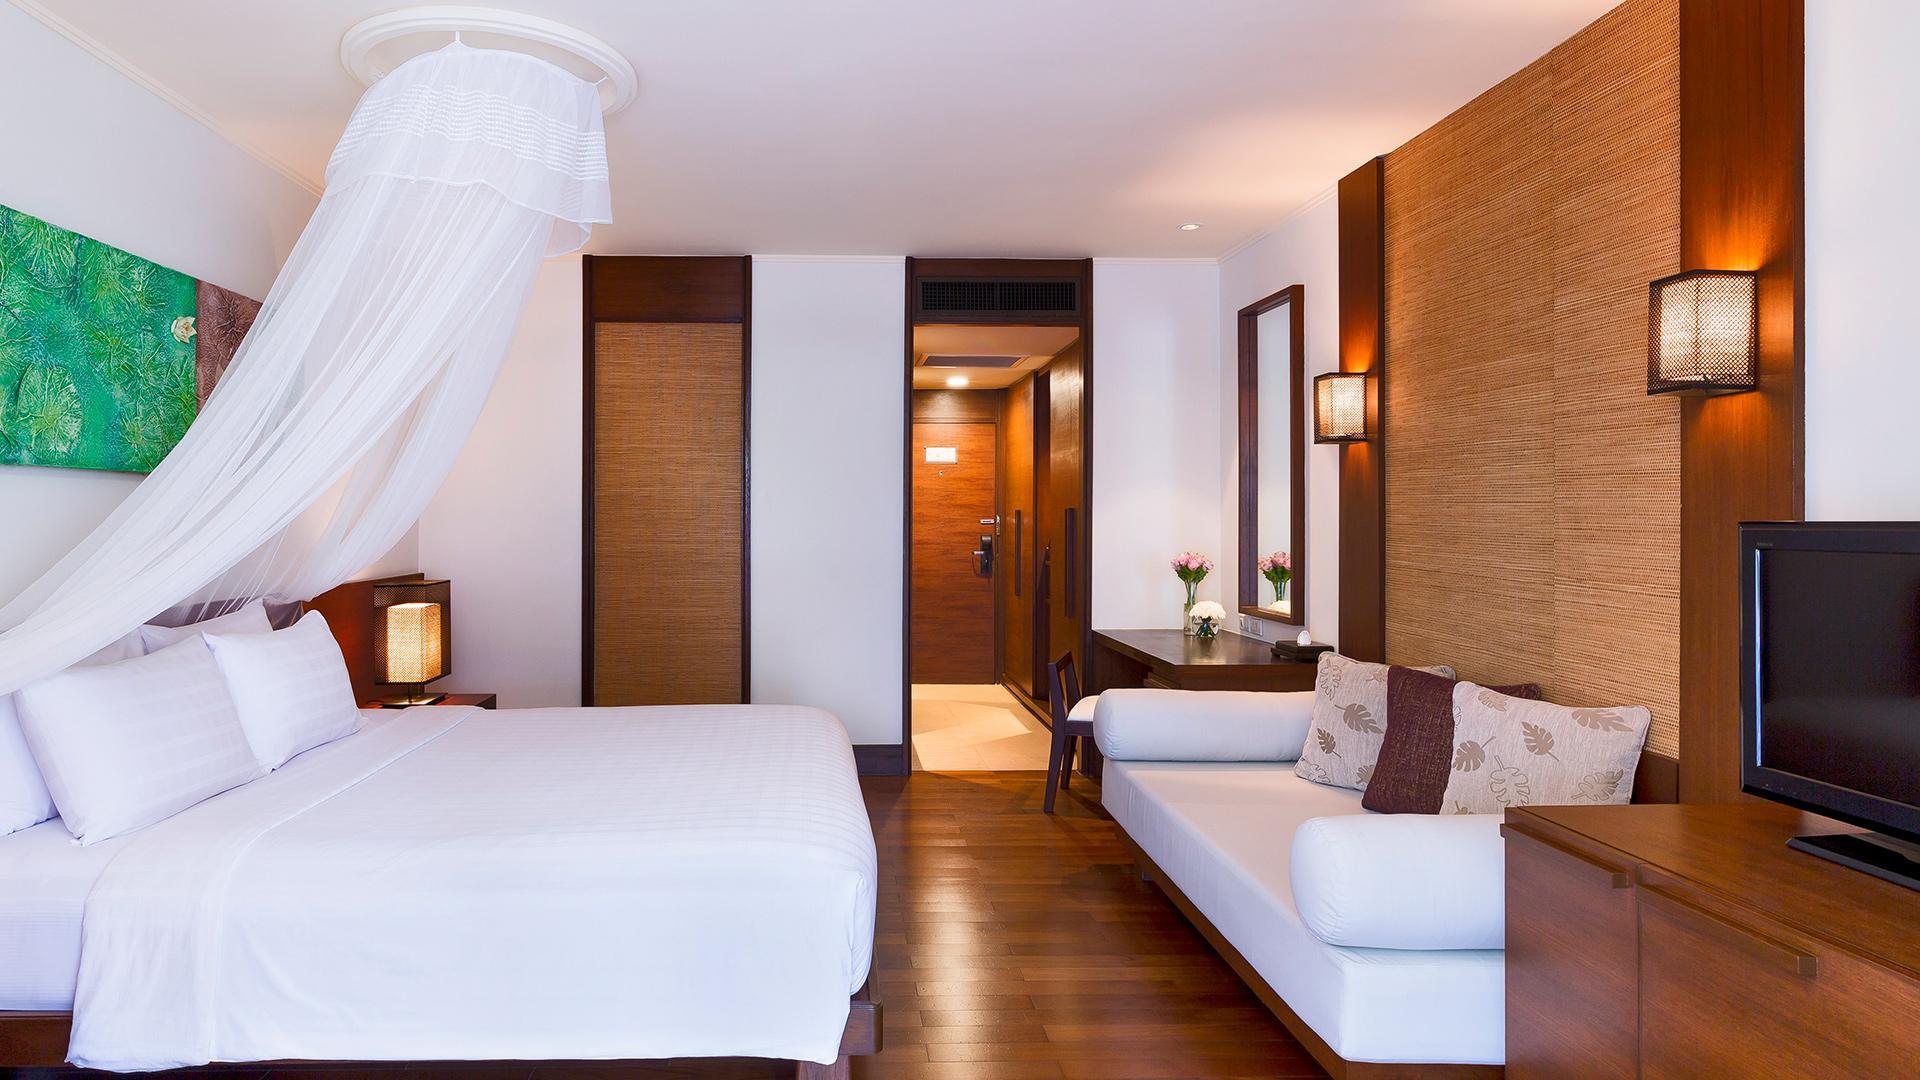 Lanai Room image 1 at Pullman Pattaya Hotel G by Amphoe Bang Lamung, Chang Wat Chon Buri, Thailand